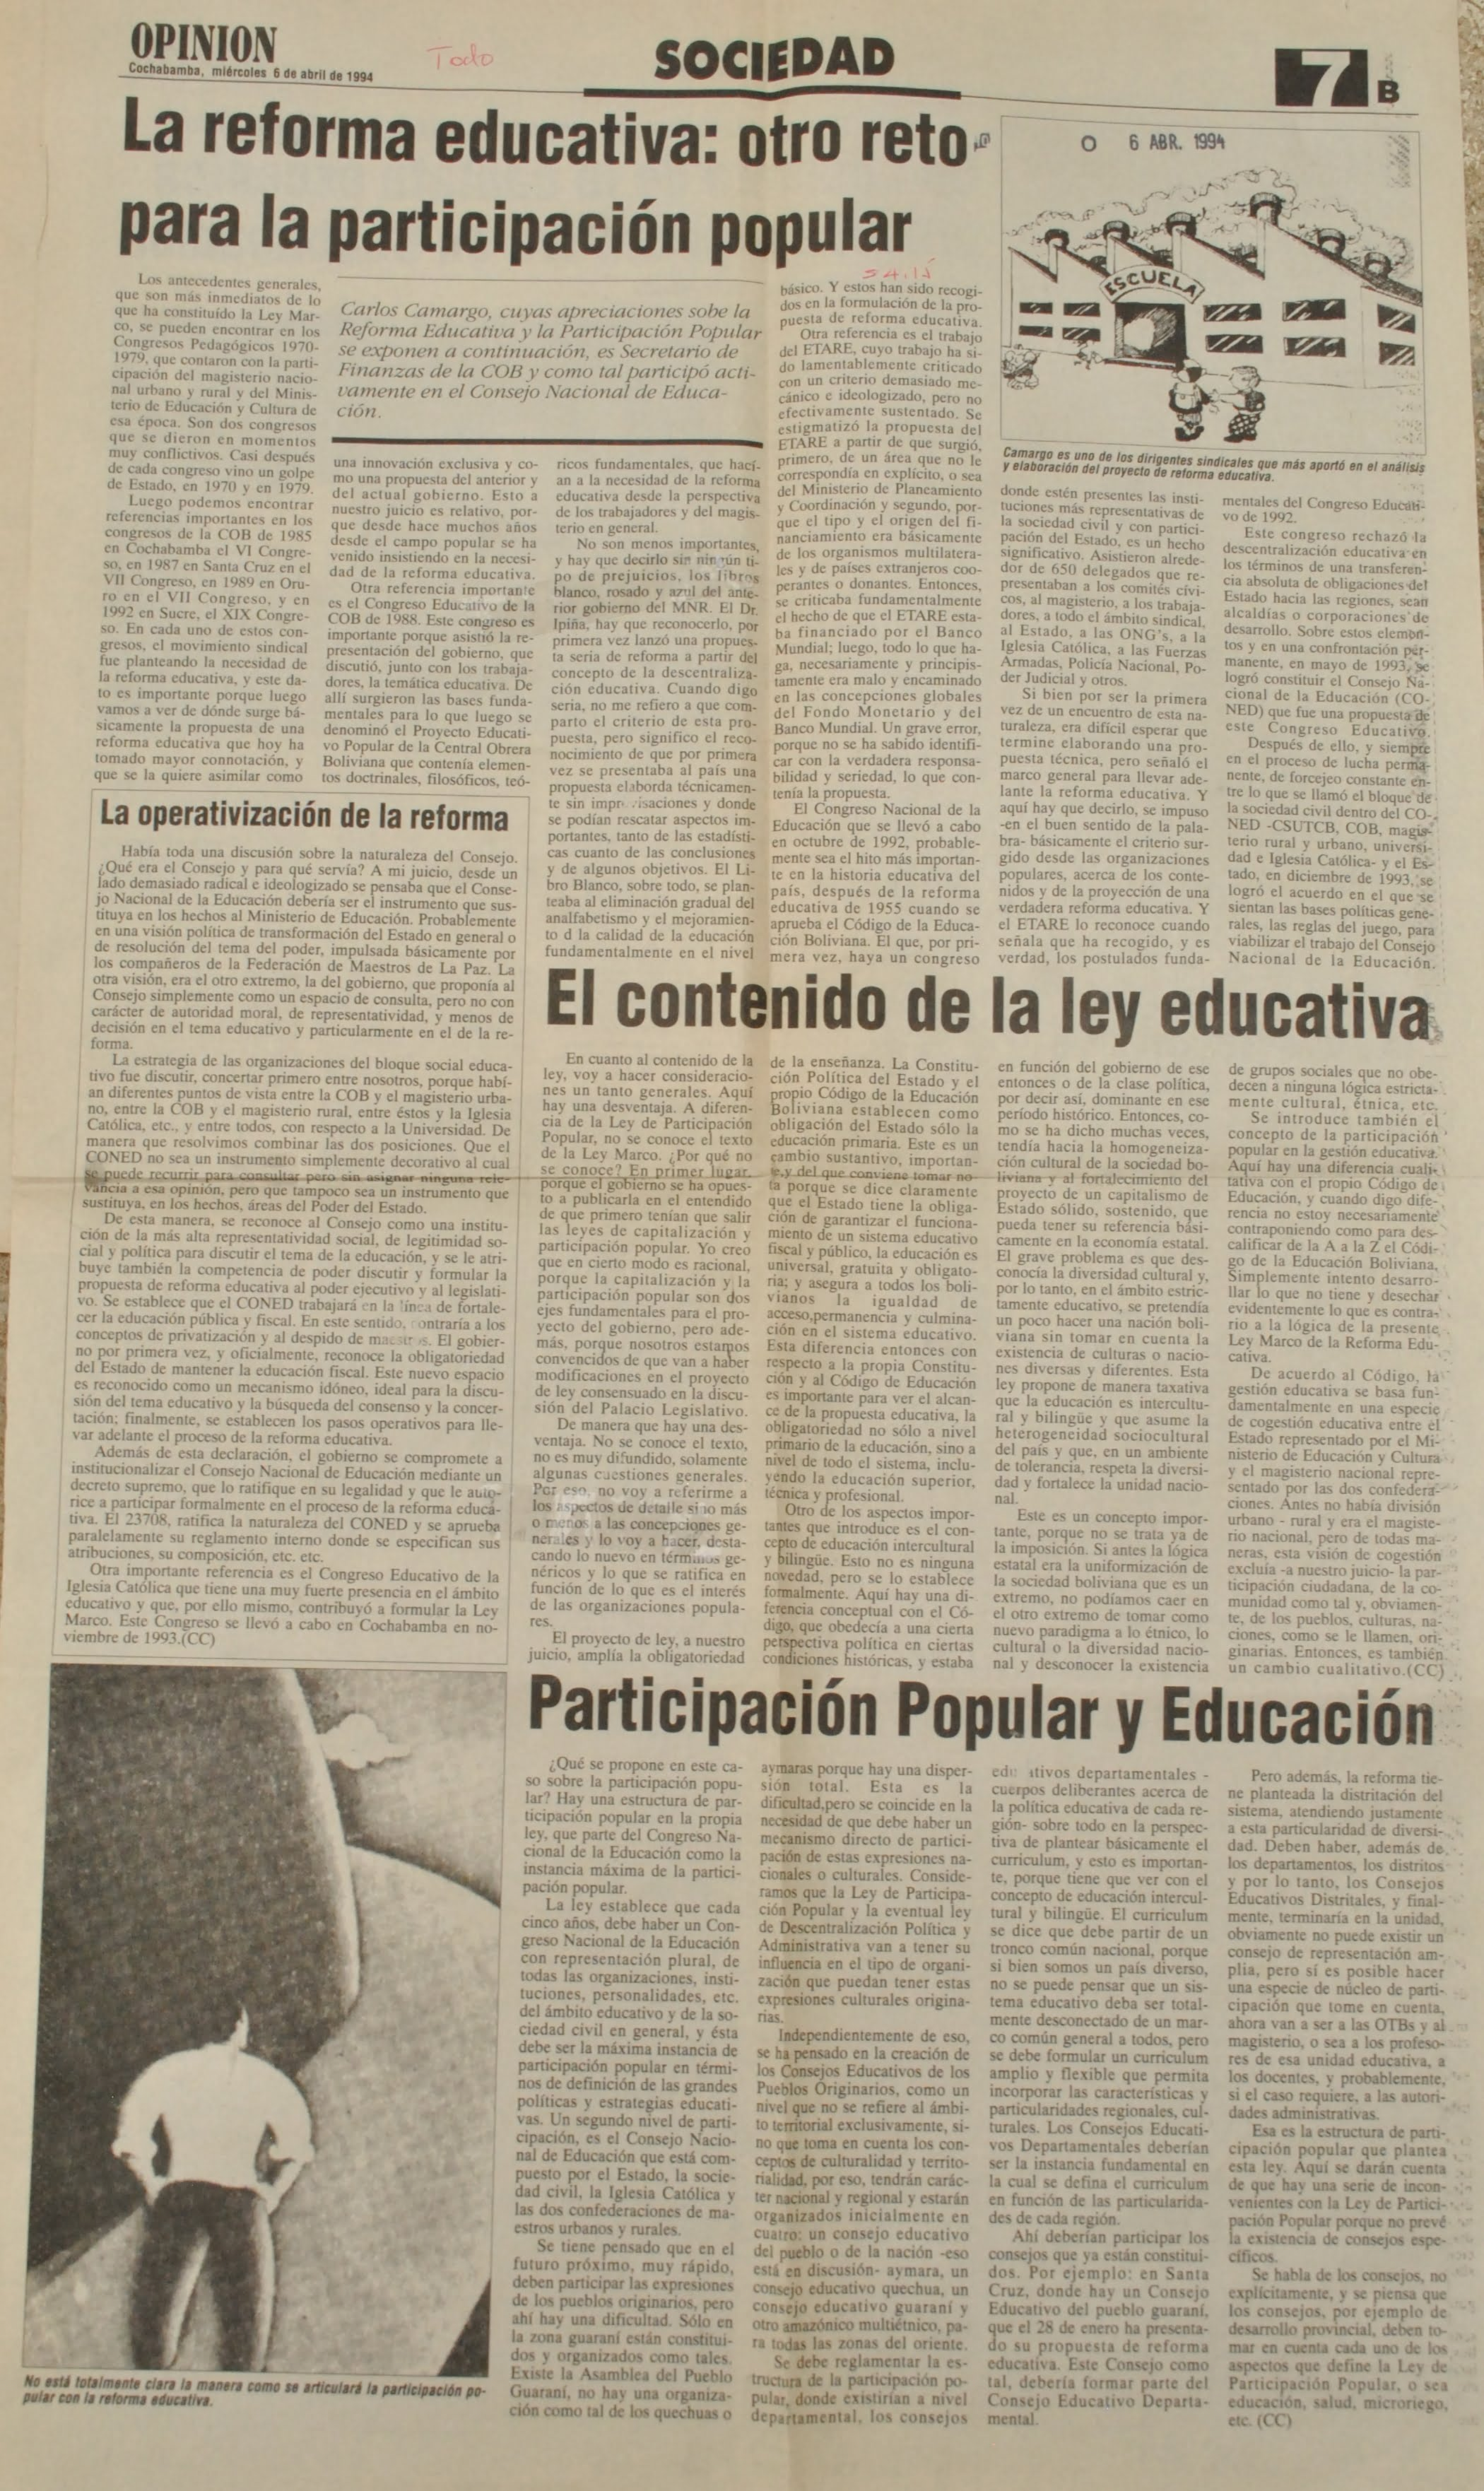 La reforma educativa: otro reto para la participación popular (Opinión, 06-04-94)